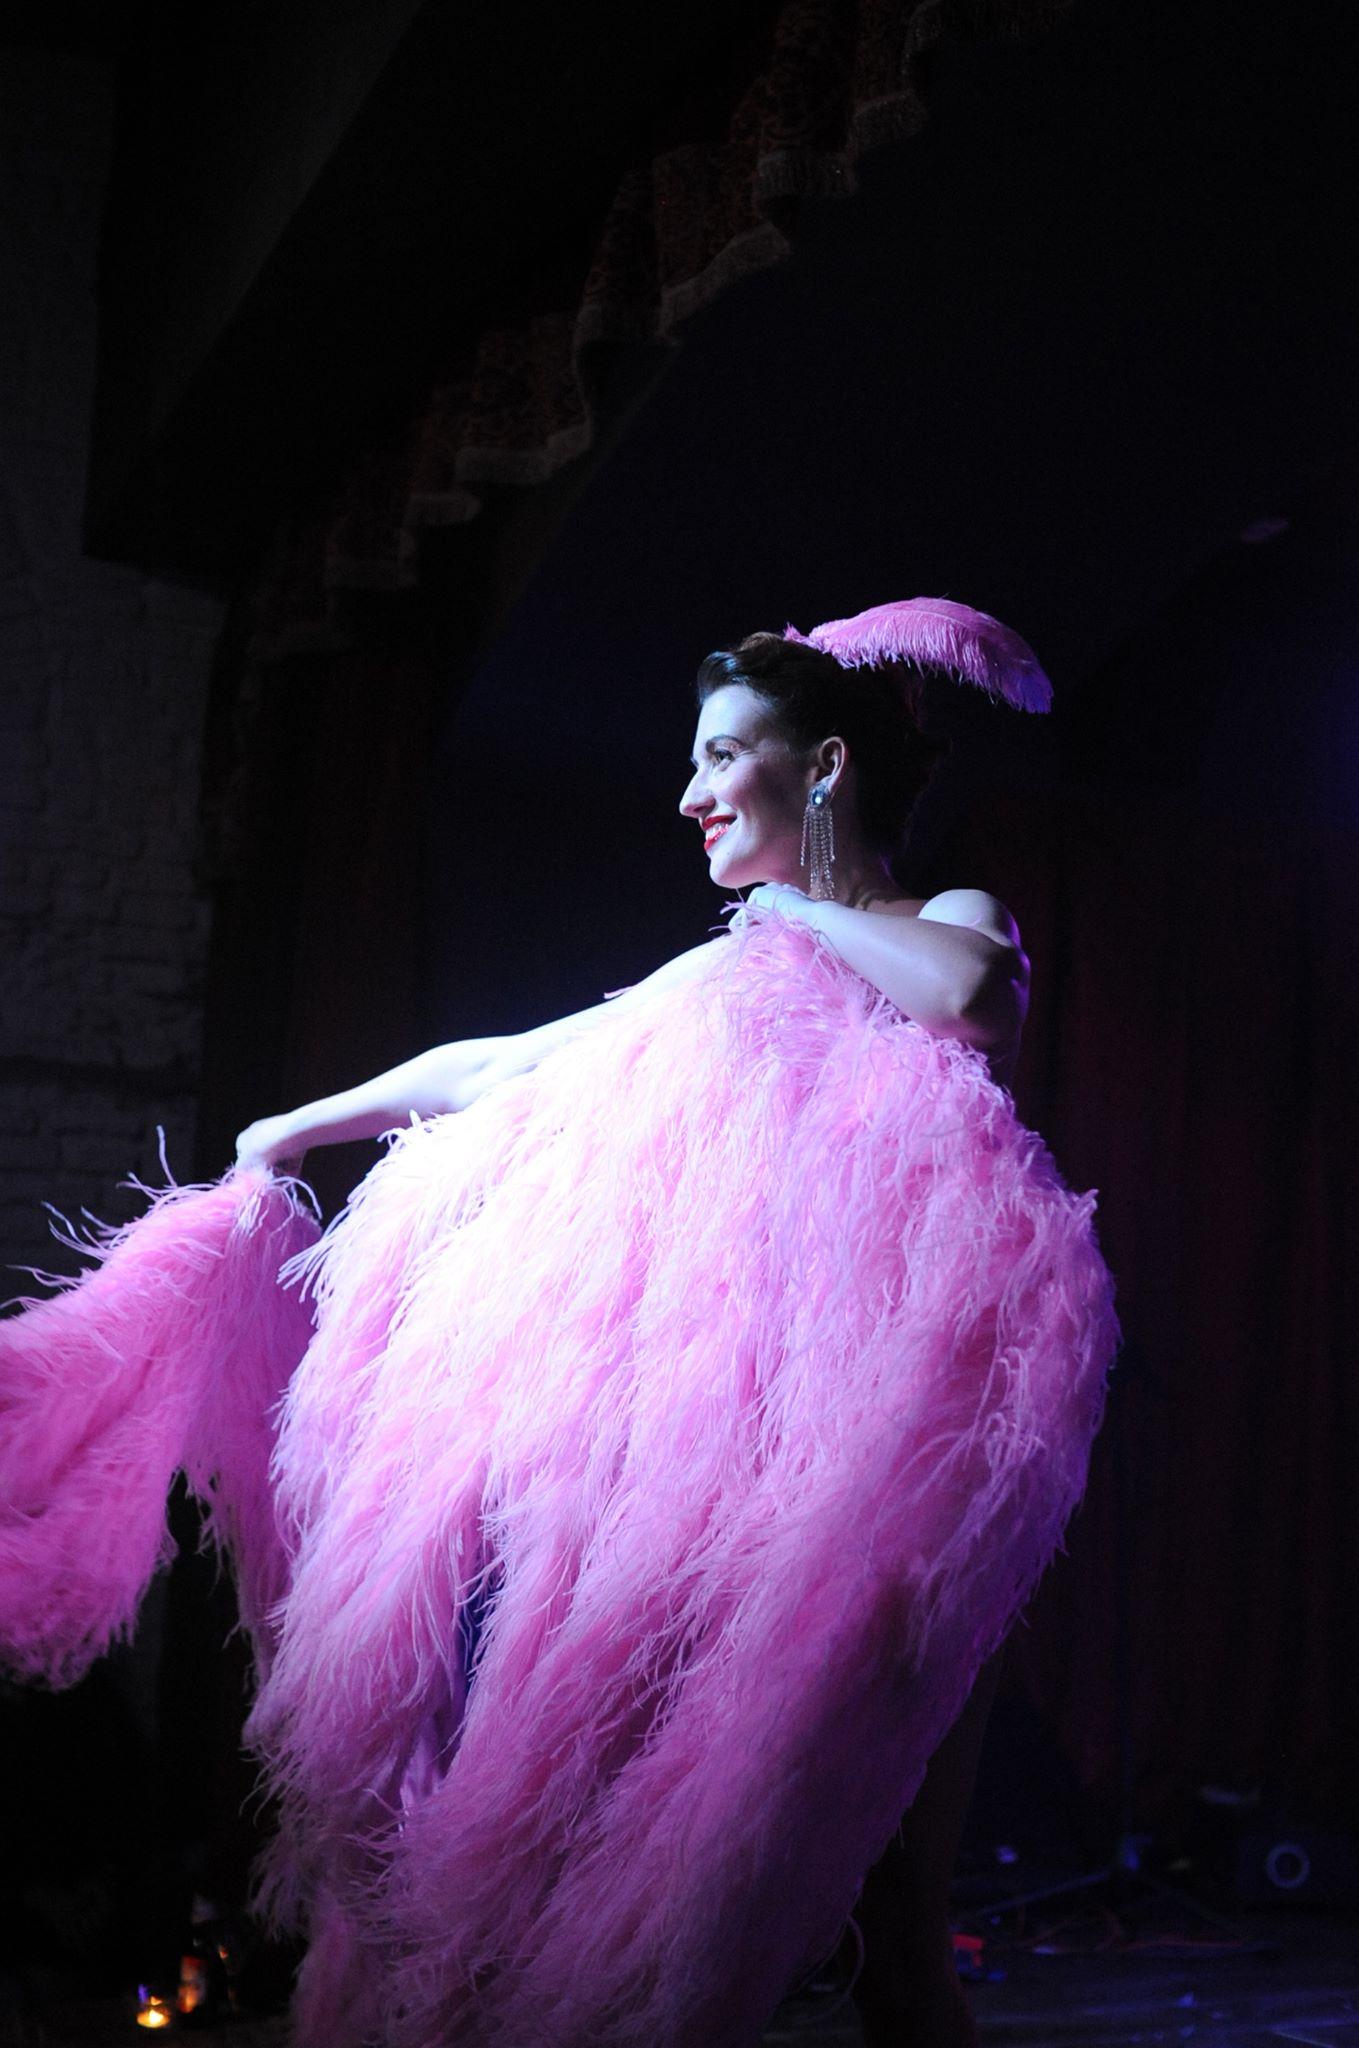 Guido Laudani L'arte del Burlesque, mostra fotografica a cura di Barbara Martusciello 5 (1)